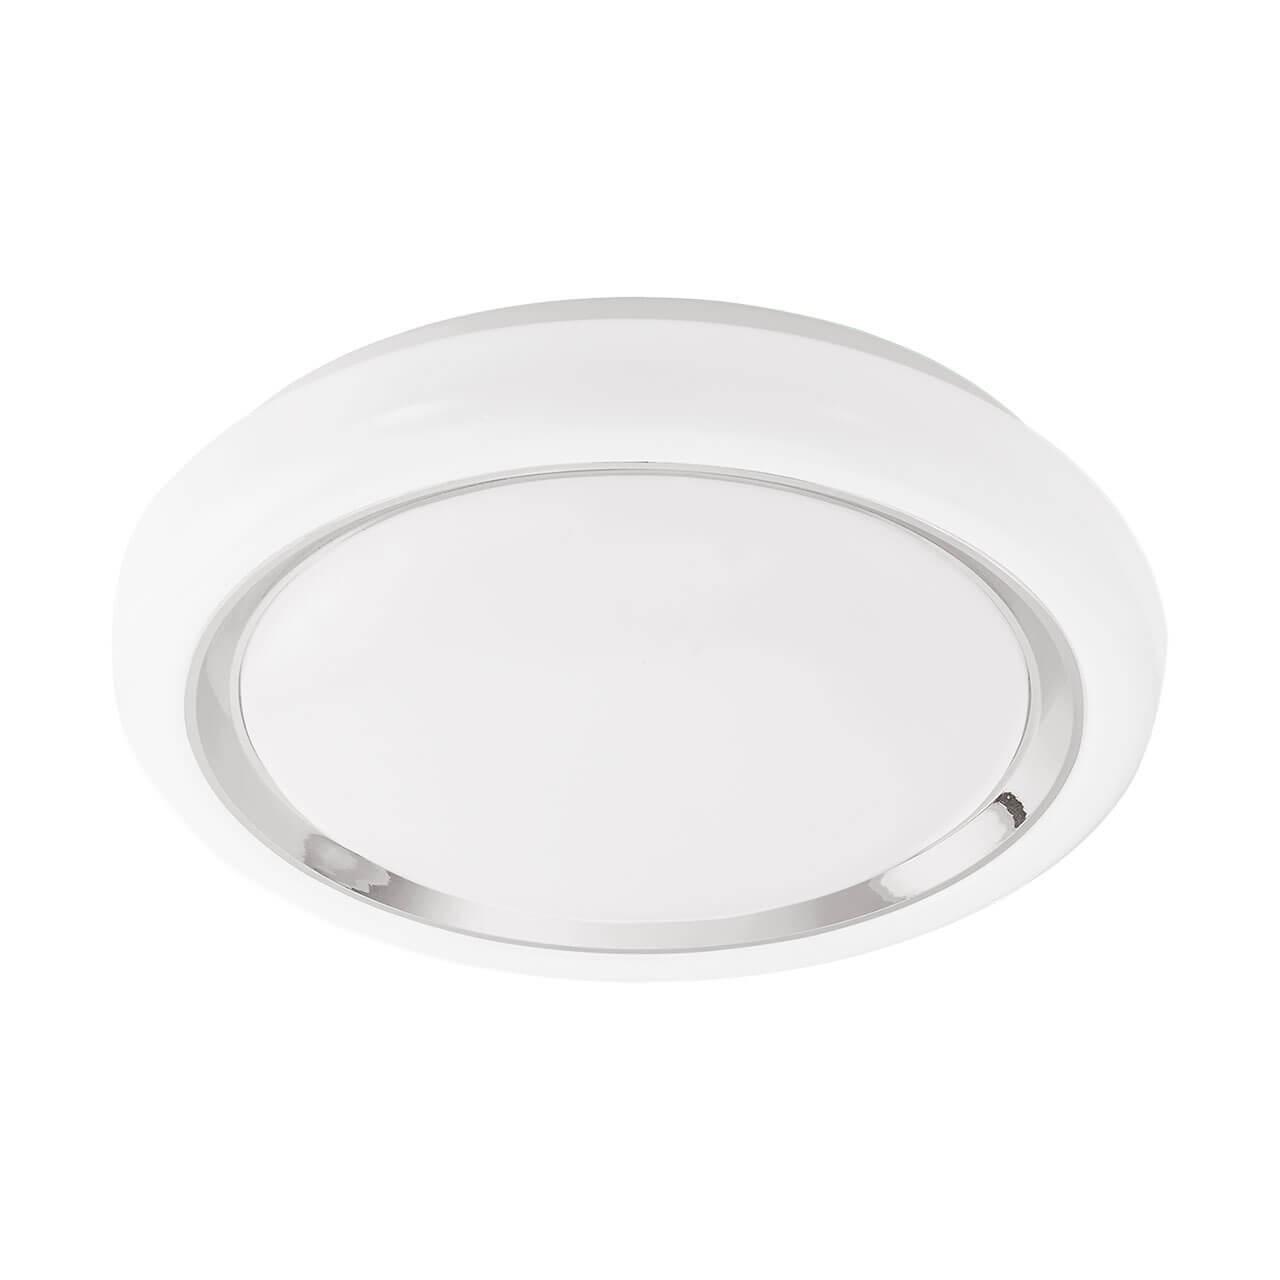 Потолочный светодиодный светильник Eglo Capasso-C 96686 все цены